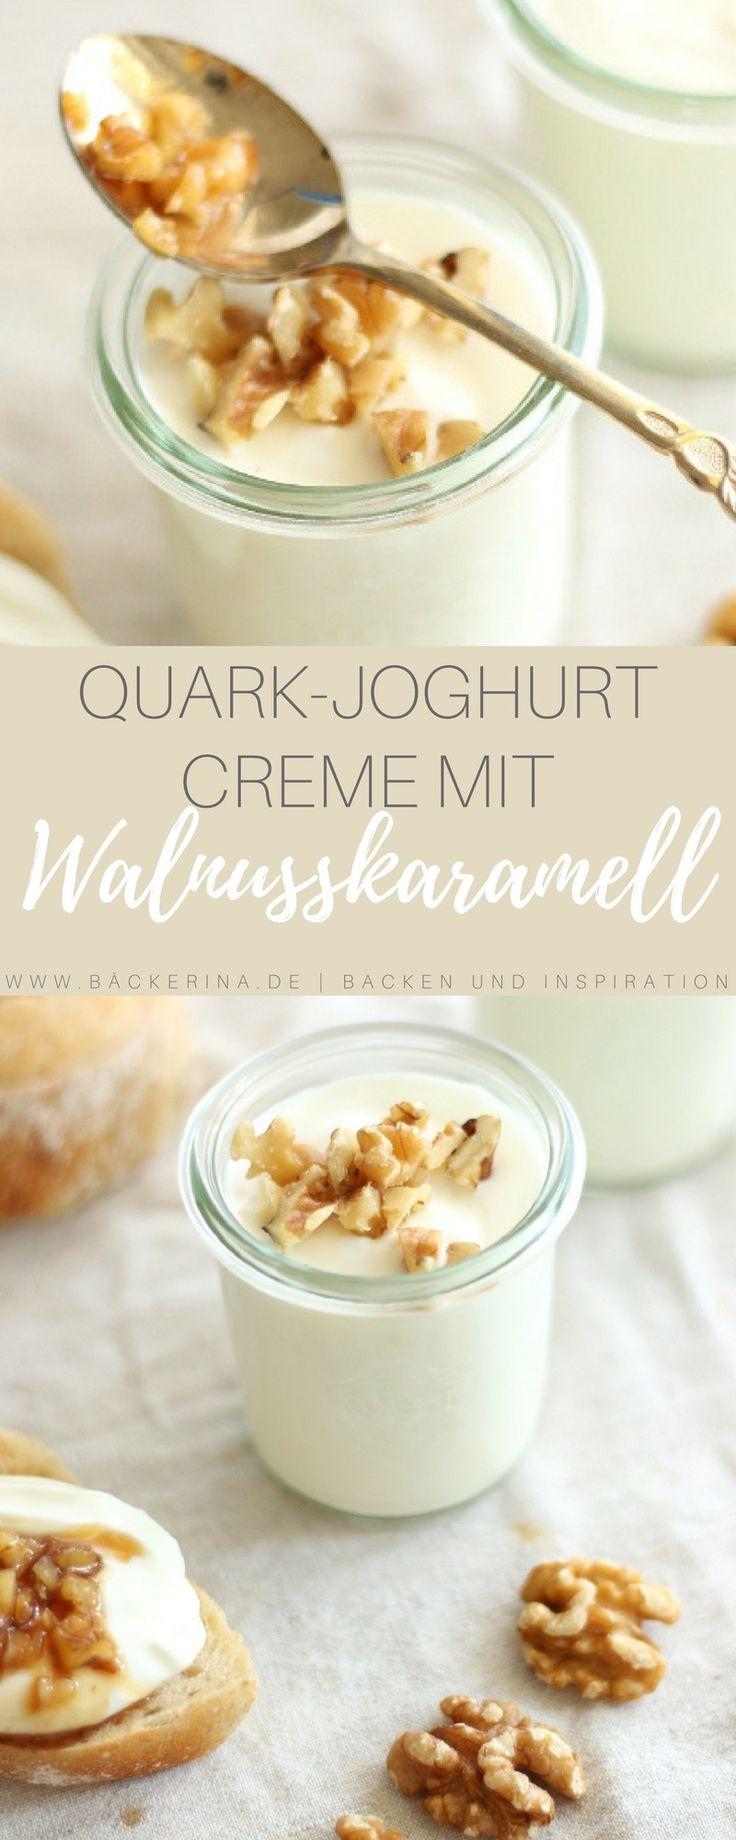 Rezept für eine süße Joghurt-Quarkcreme mit flüssigem Karamell und Walnüssen. Als leckerer Brotaufstrich oder als Dessert mit frischem Obst.